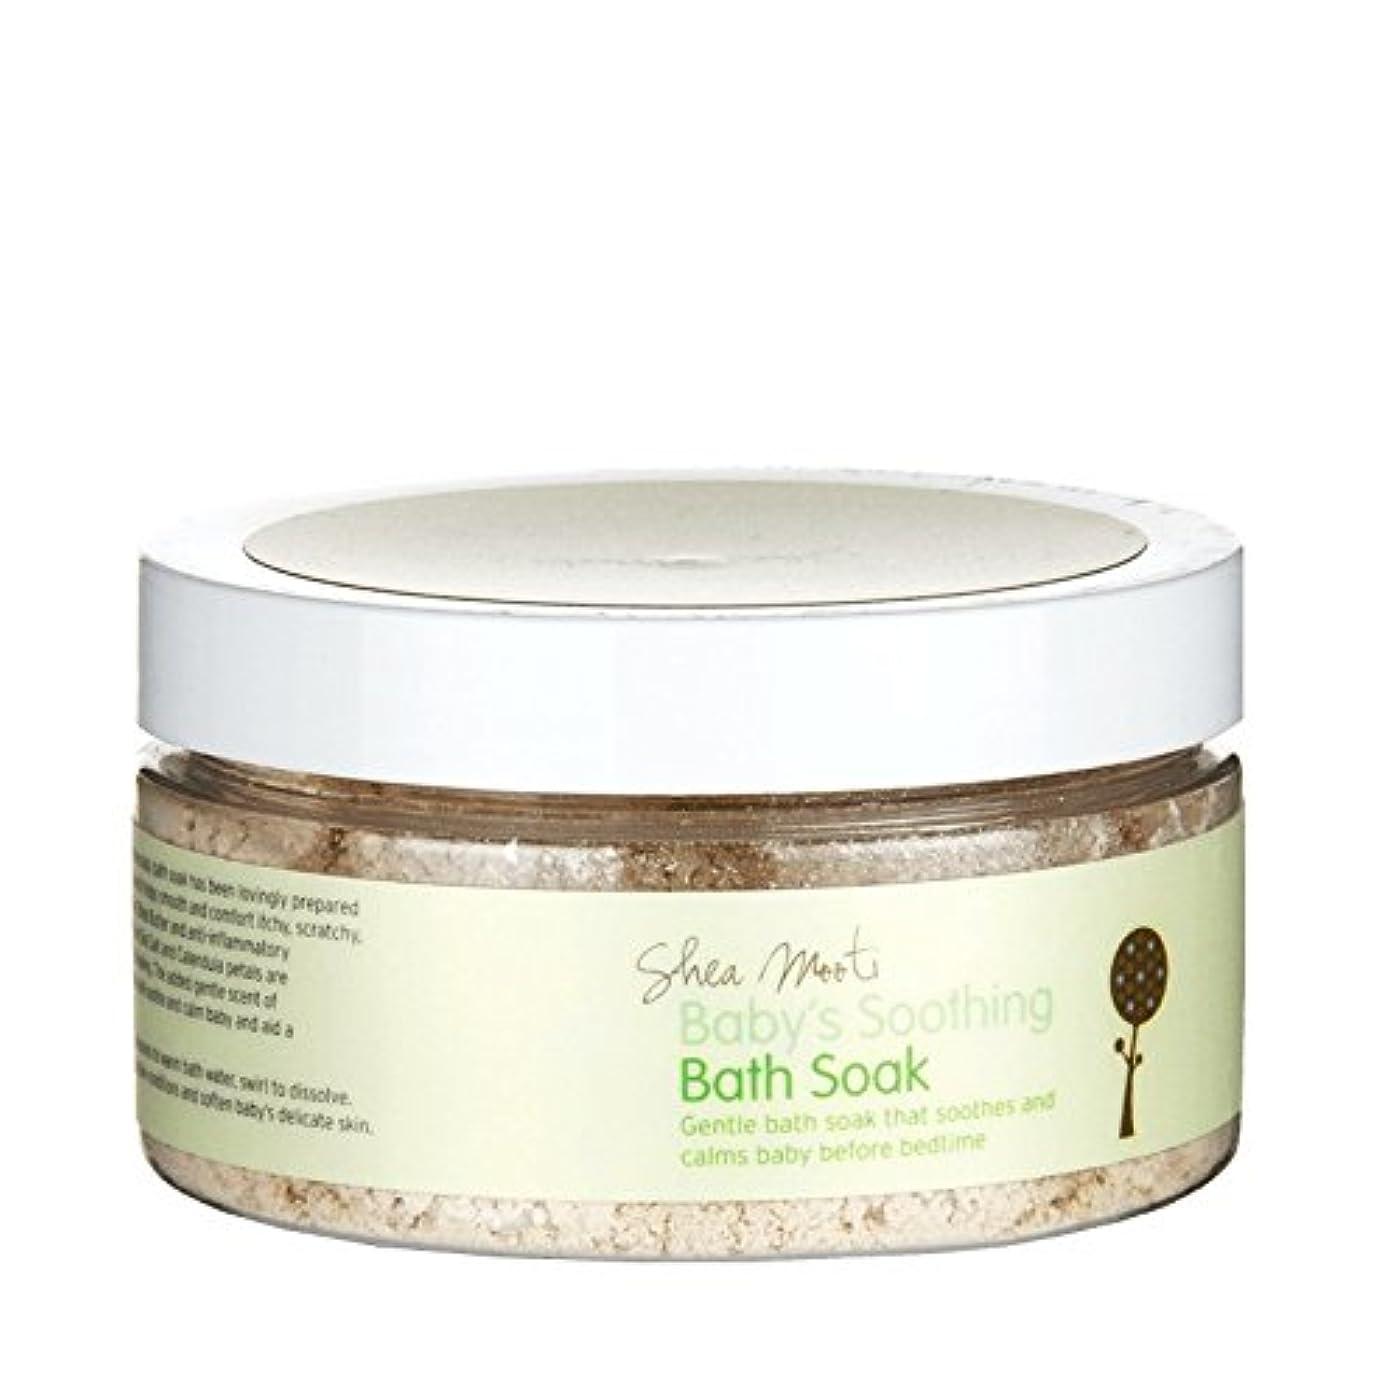 面引き潮速記Shea Mooti Baby's Soothing Bath Soak 130g (Pack of 6) - シアバターMooti赤ちゃんの癒しのお風呂は、130グラムを浸し (x6) [並行輸入品]